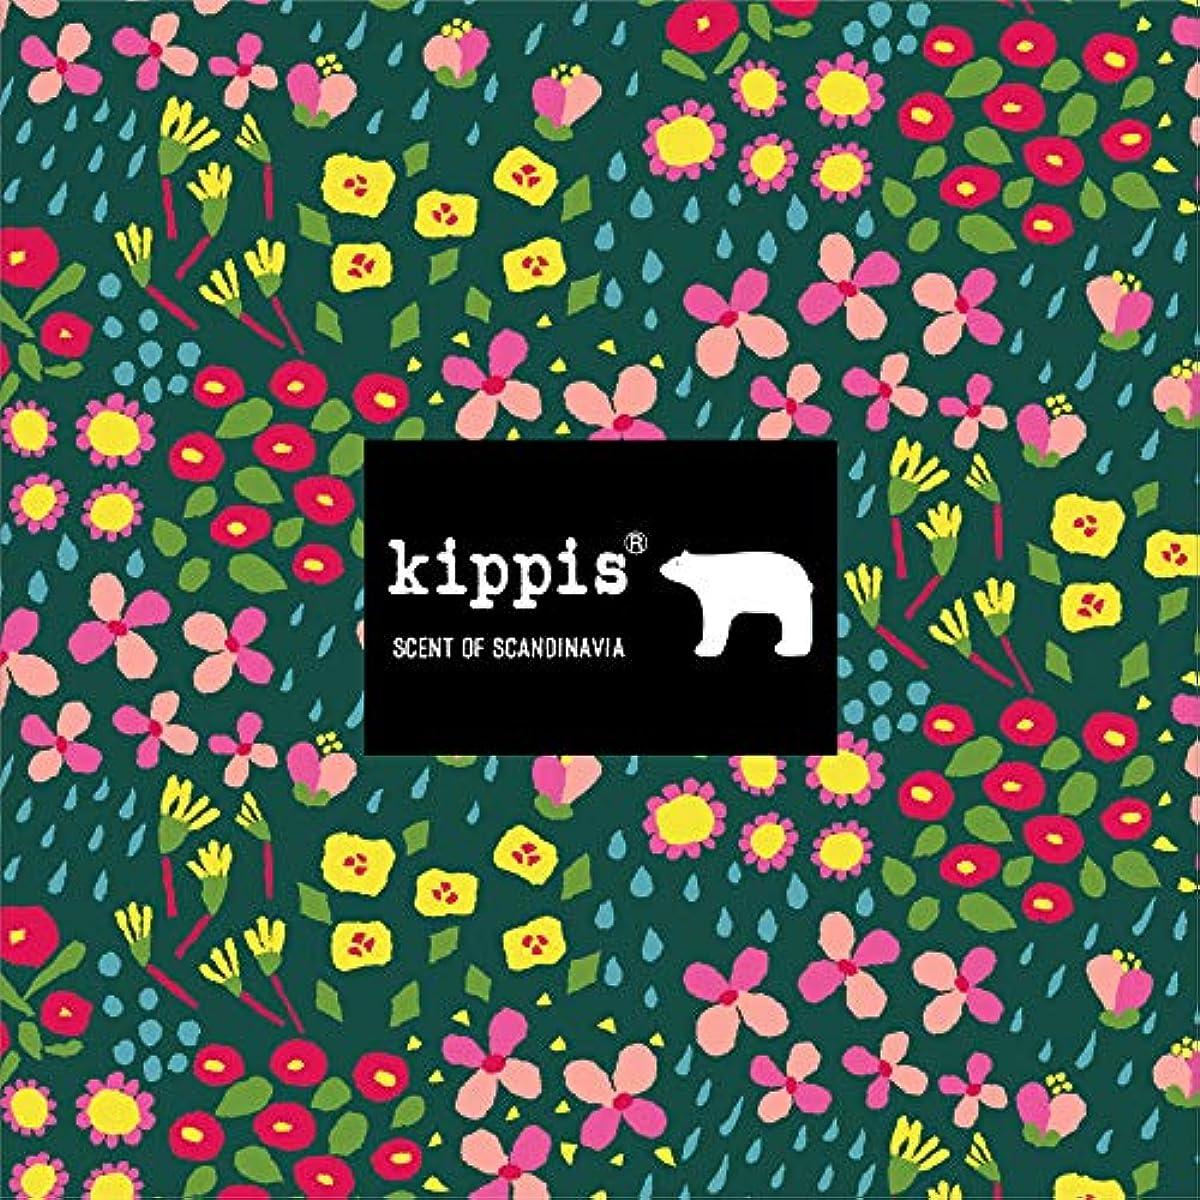 スピーカーマント希少性キッピス 髪と肌のトリートメントワックス(風香る森の花々の香り)40g